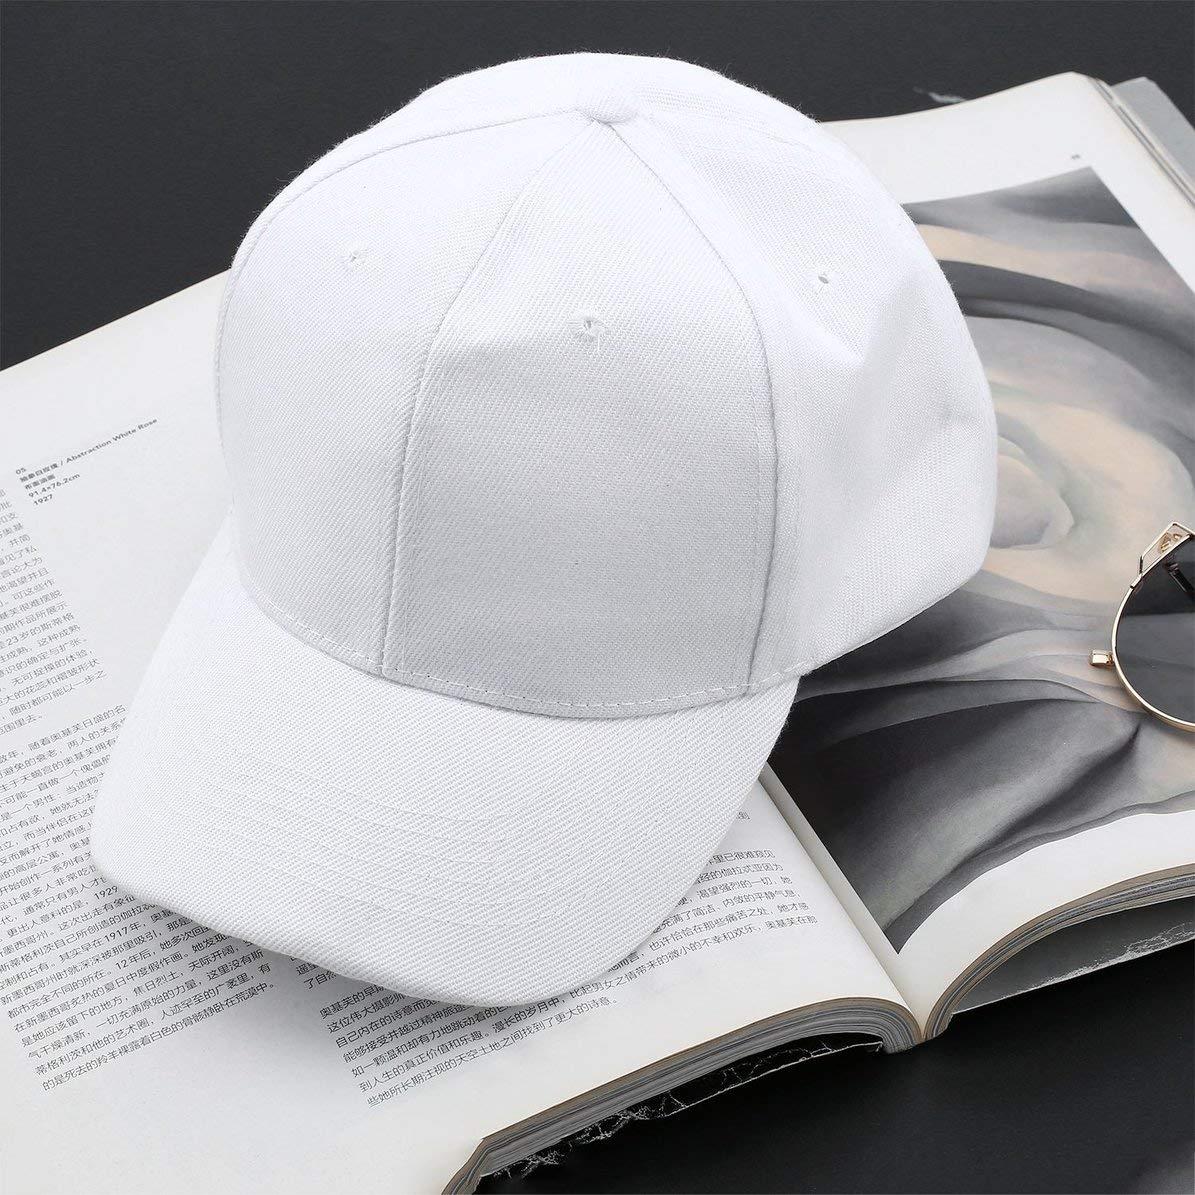 Blanco, WEIWEITOE Moda de Verano Casual Hombre Mujer Damas Tama/ño Ajustable Sombreros Color Puro Blanco Curvado Liso Gorras de B/éisbol Gorras de Viaje al Aire Libre